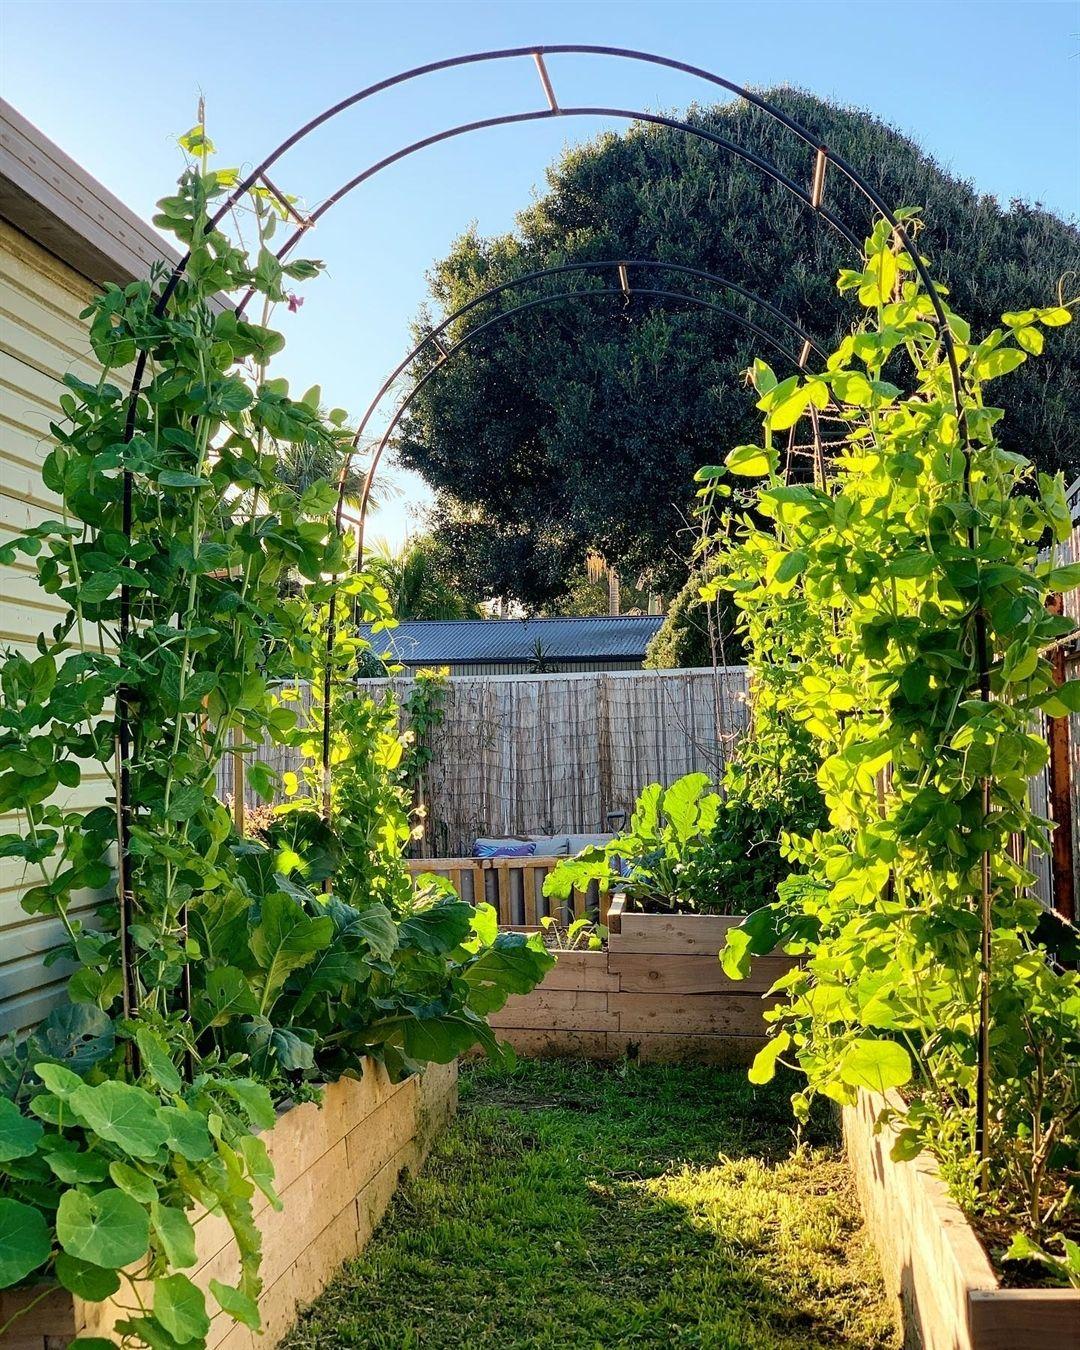 Folgt Mir Garten Verliebt Fur Tagliche Posts Mit Tollen Gartenbildern Wenn Ihr Fragen Oder Anregungen Habt Dann Sendet Mir Doch Garden Plants